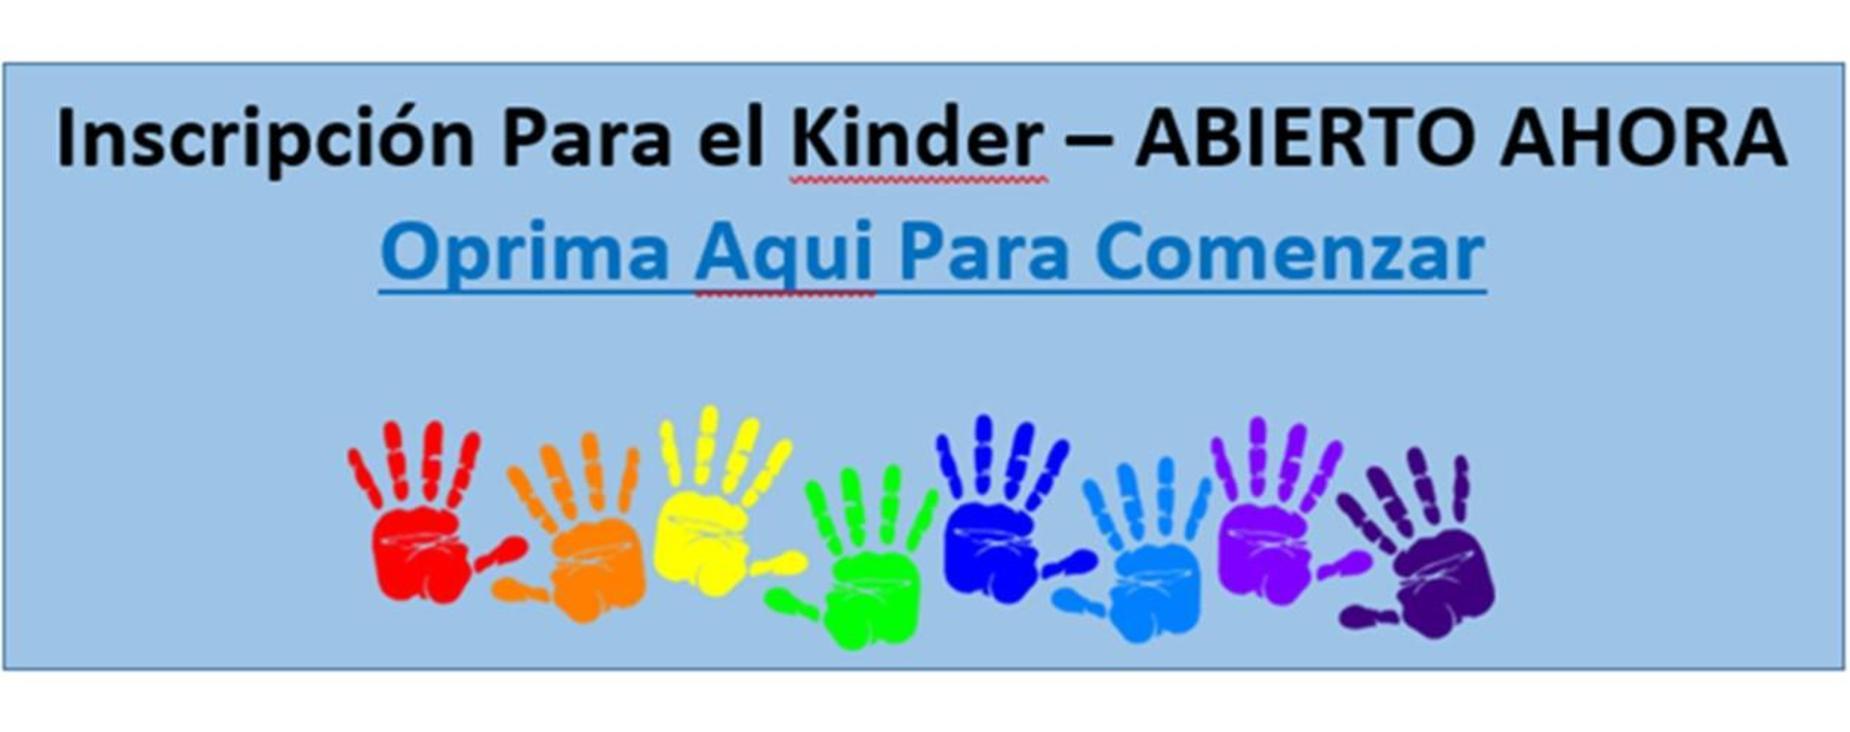 Inscripcion Para el Kinder - ABIERTO AHORA